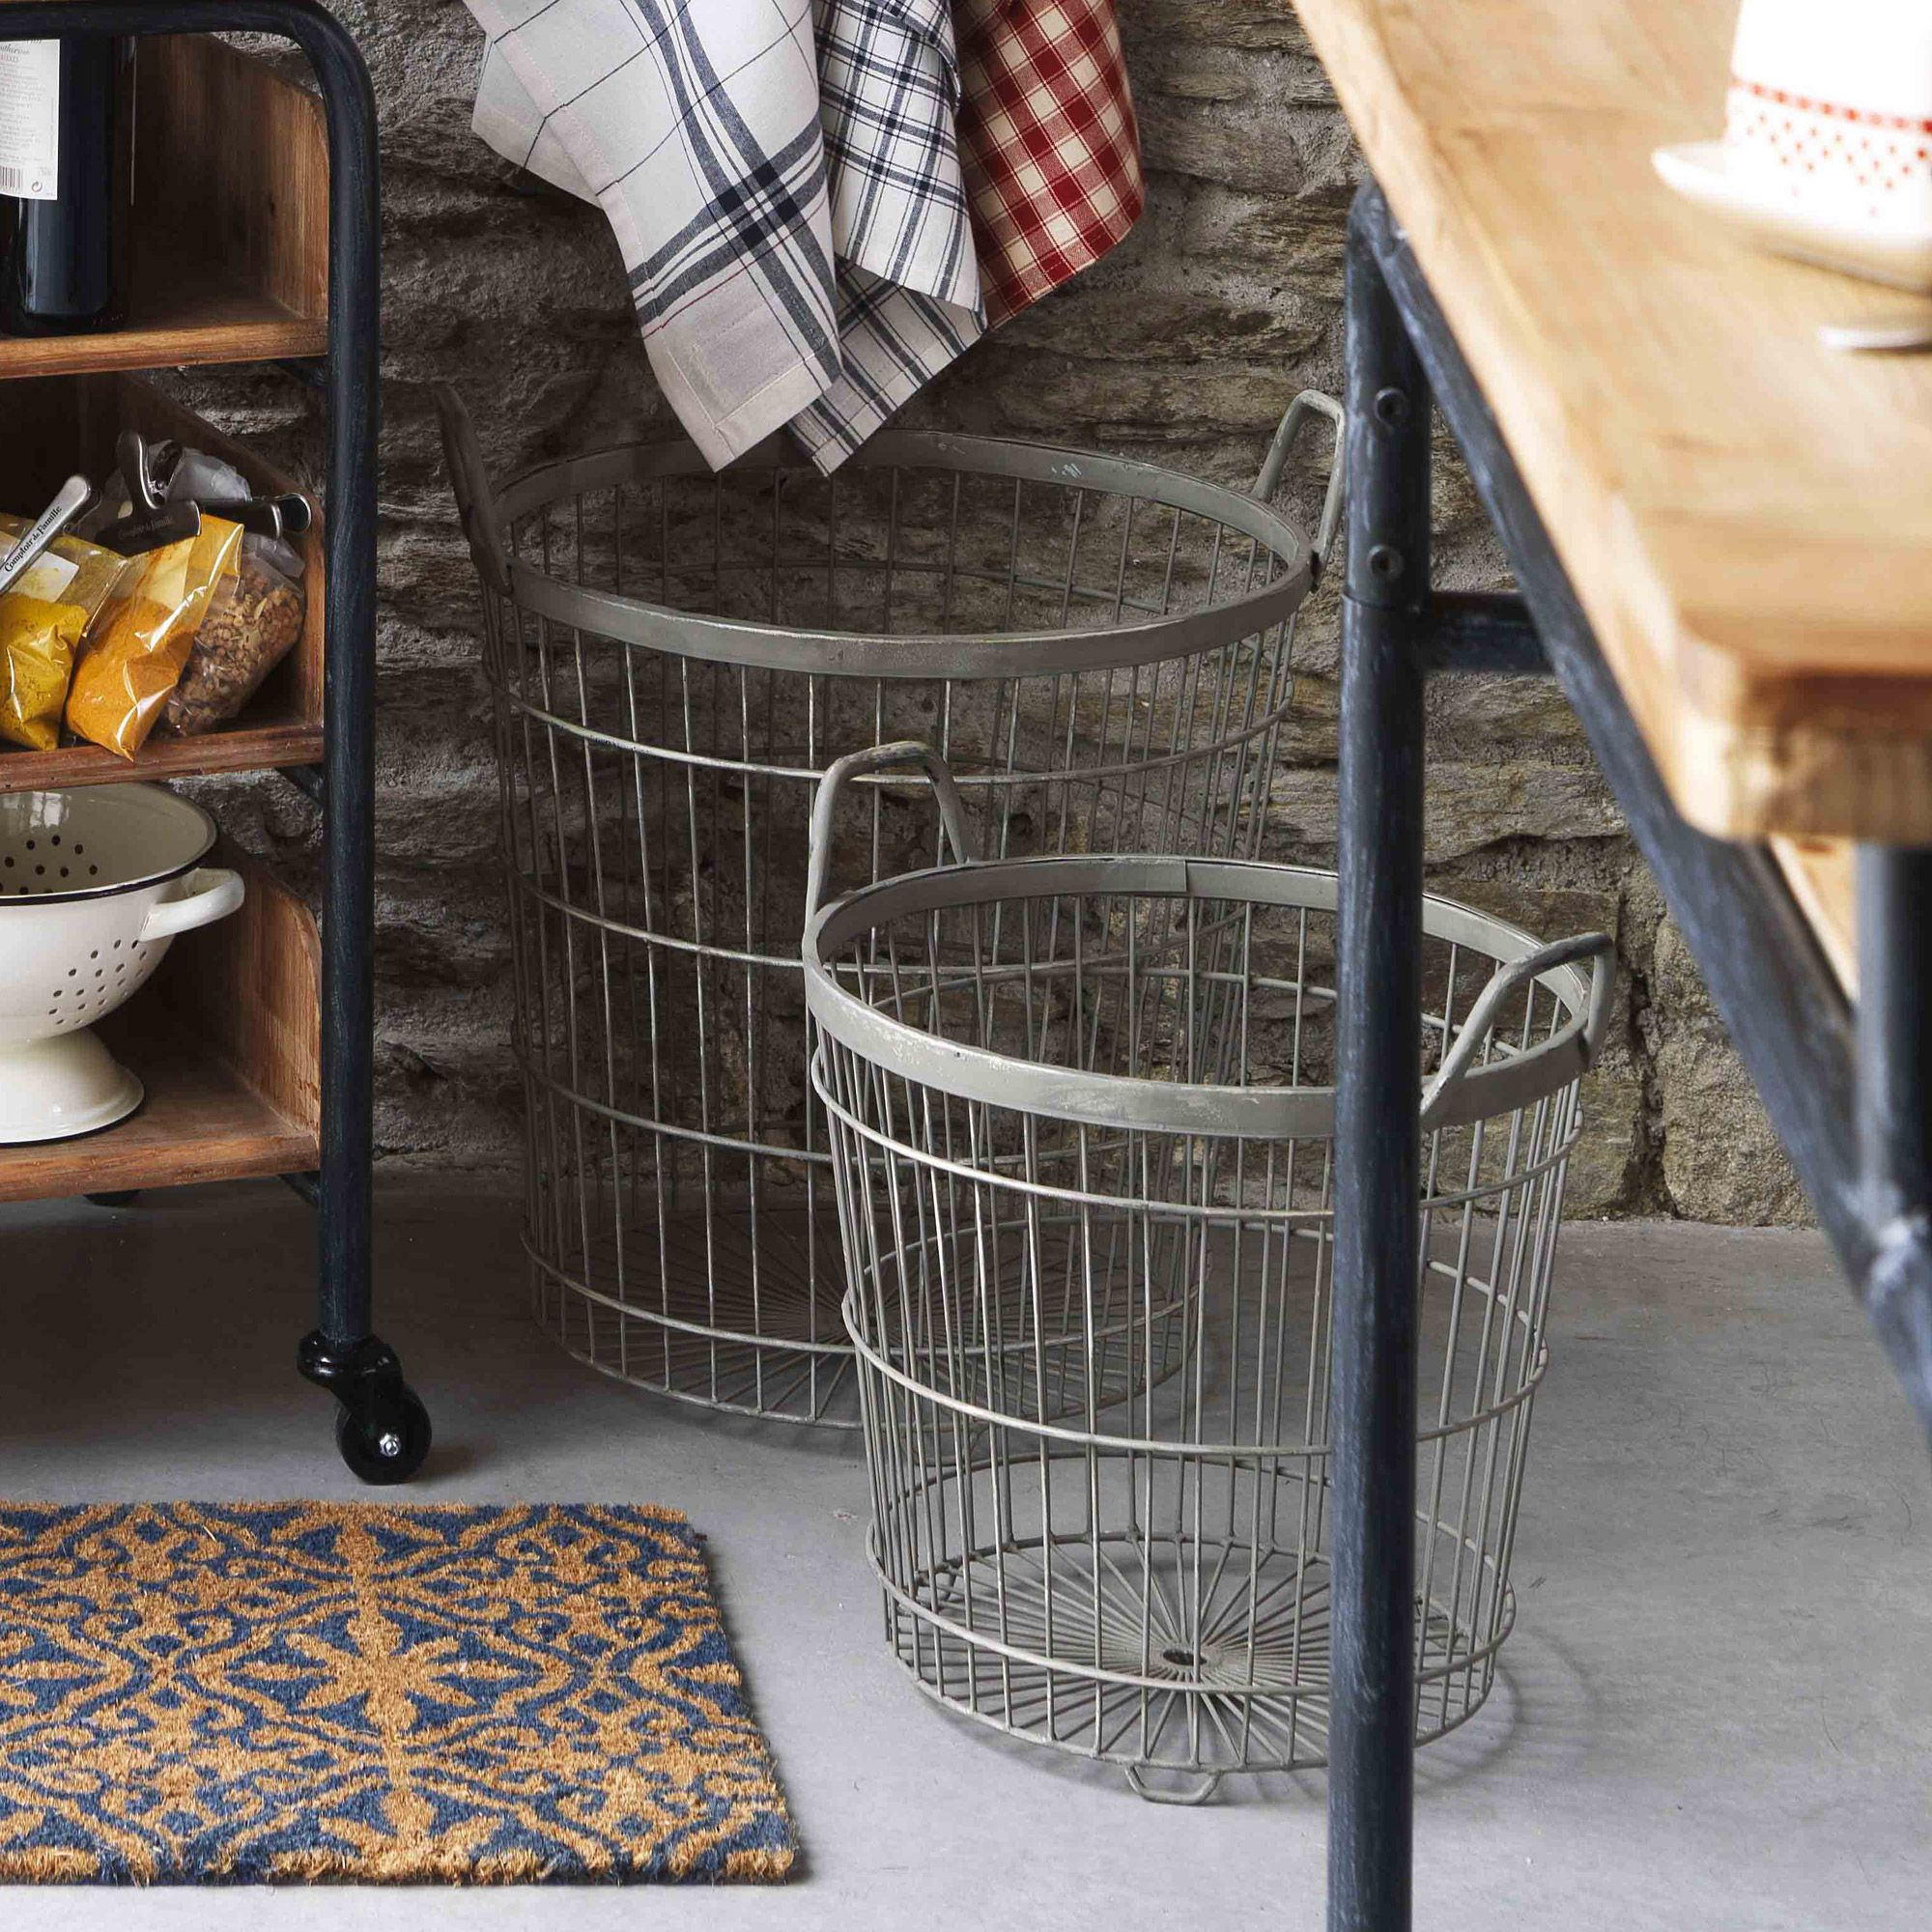 panier rond m tal grillag anses lot de 2 reserve par comptoir d comptoir de famille by. Black Bedroom Furniture Sets. Home Design Ideas